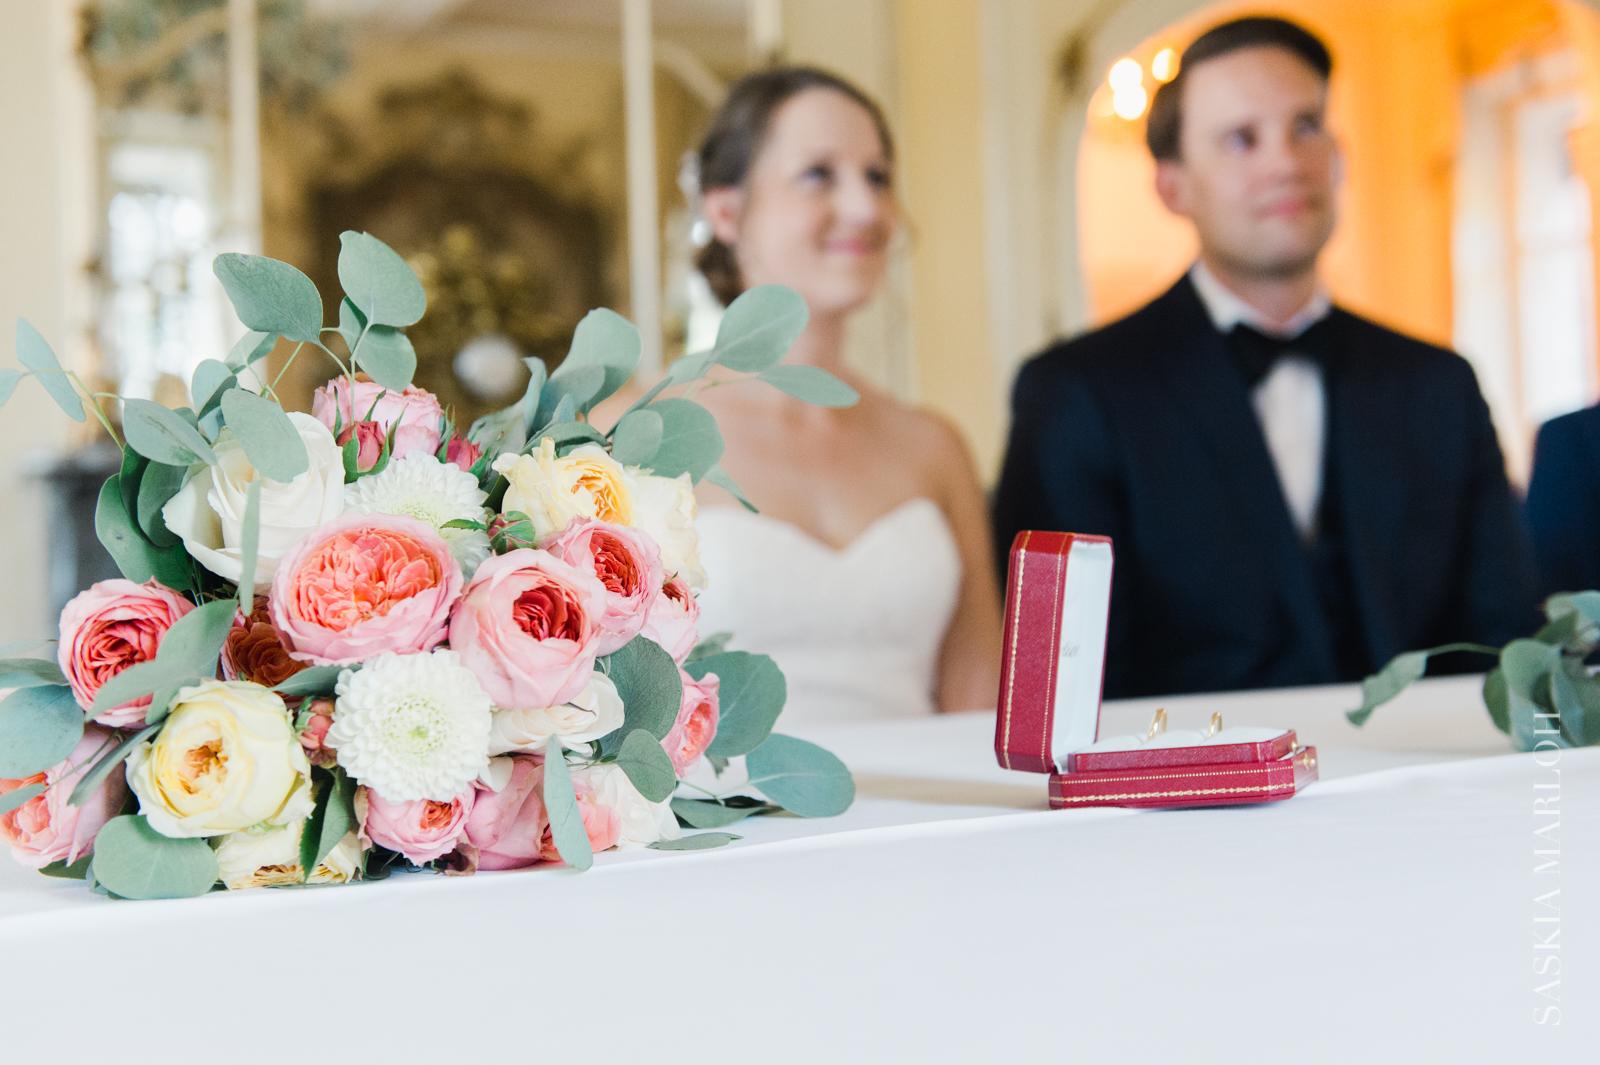 SCHLOSS-VOLLRADS-HOCHZEIT-WEDDING-FOTO-SASKIA-MARLOH-edit-20-2